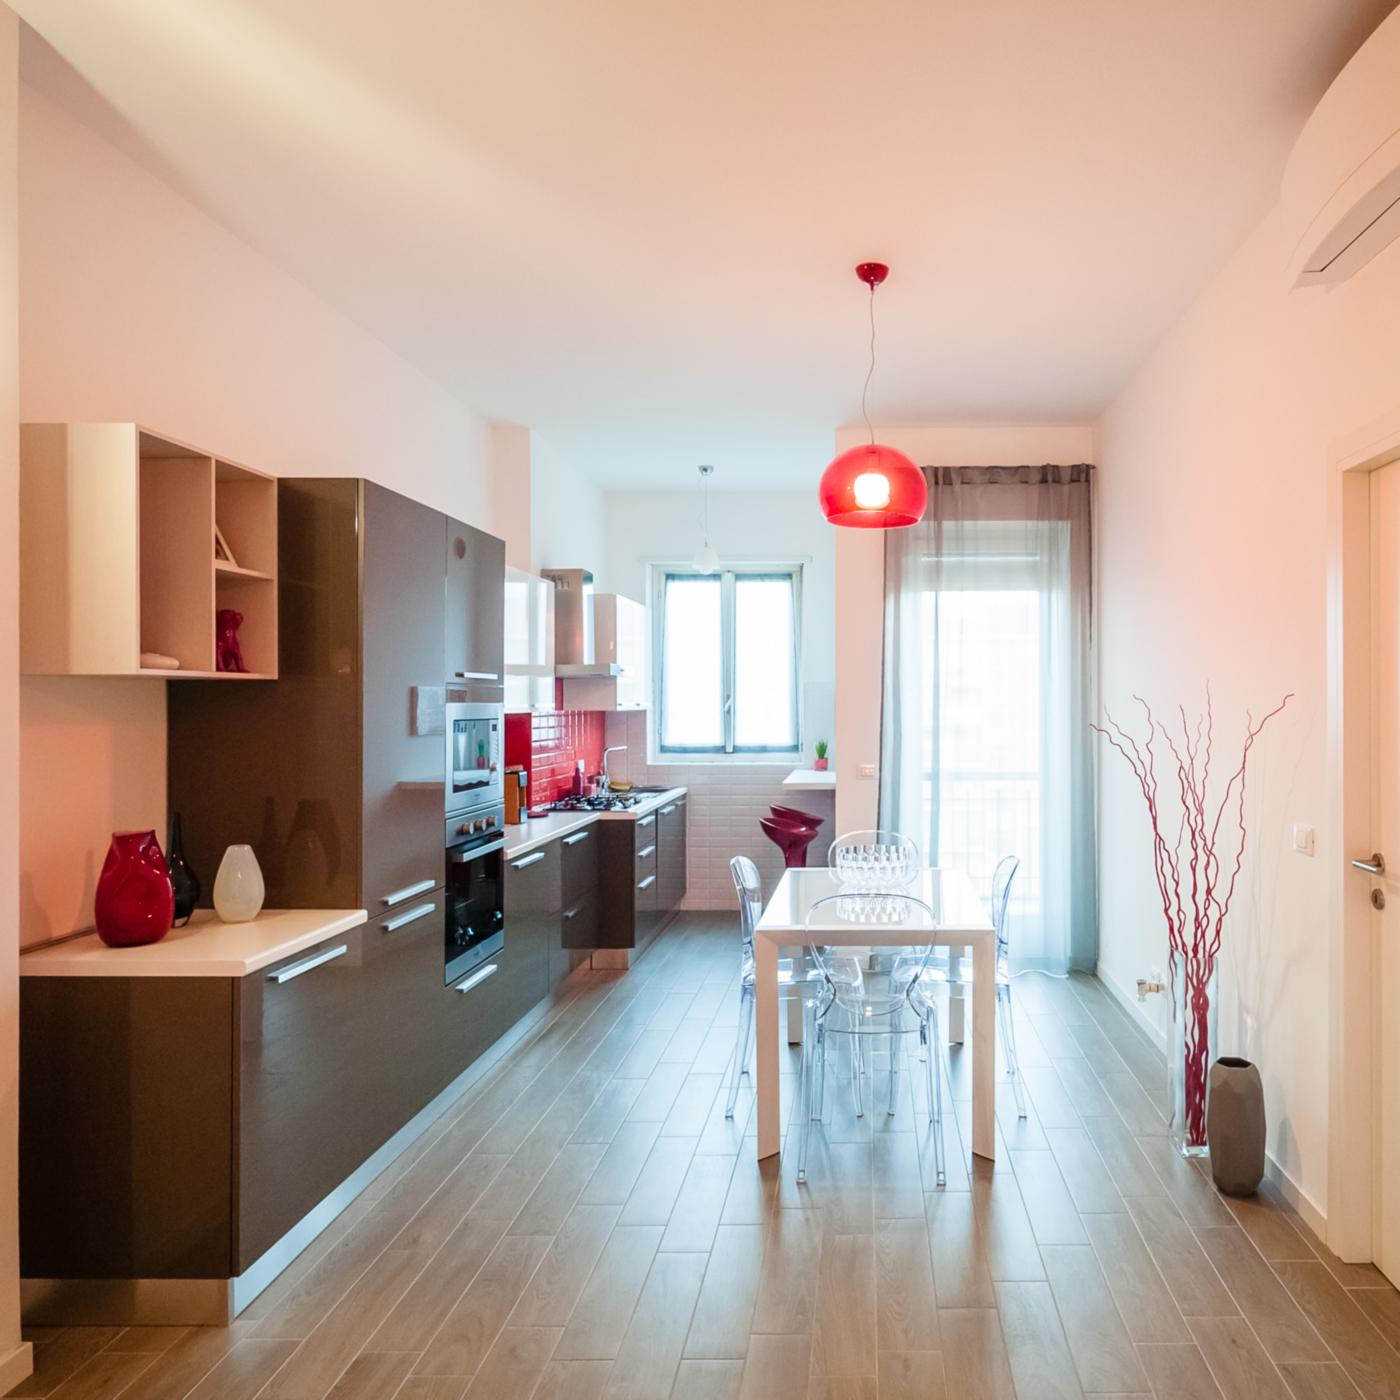 Una ristrutturazione che moltiplica gli spazi in un'appartamento degli anni '70. Il grande living, con tocchi rossi a creare un fil rouge | Bottega di Architettura